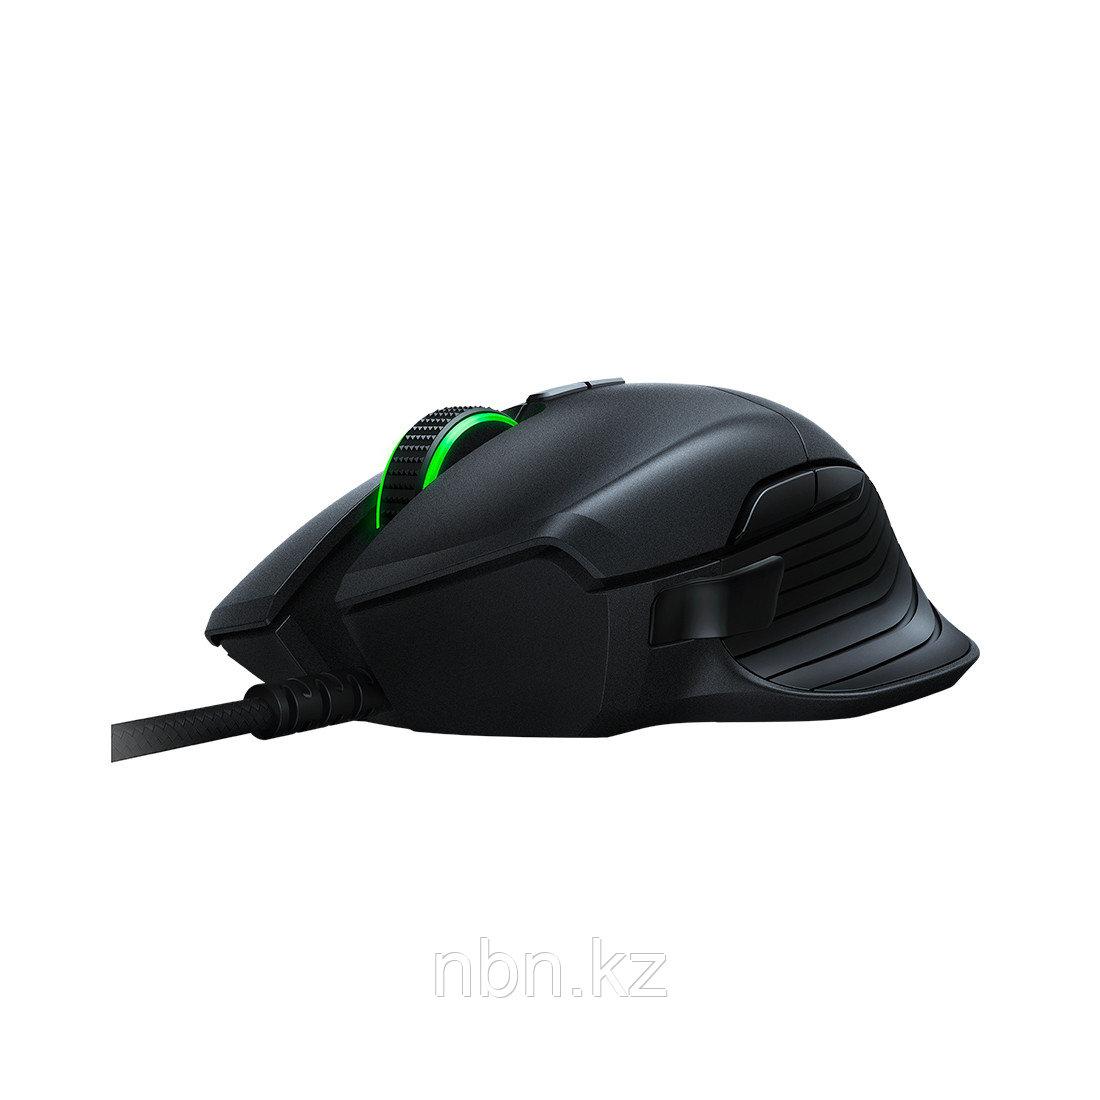 Компьютерная мышь Razer Basilisk